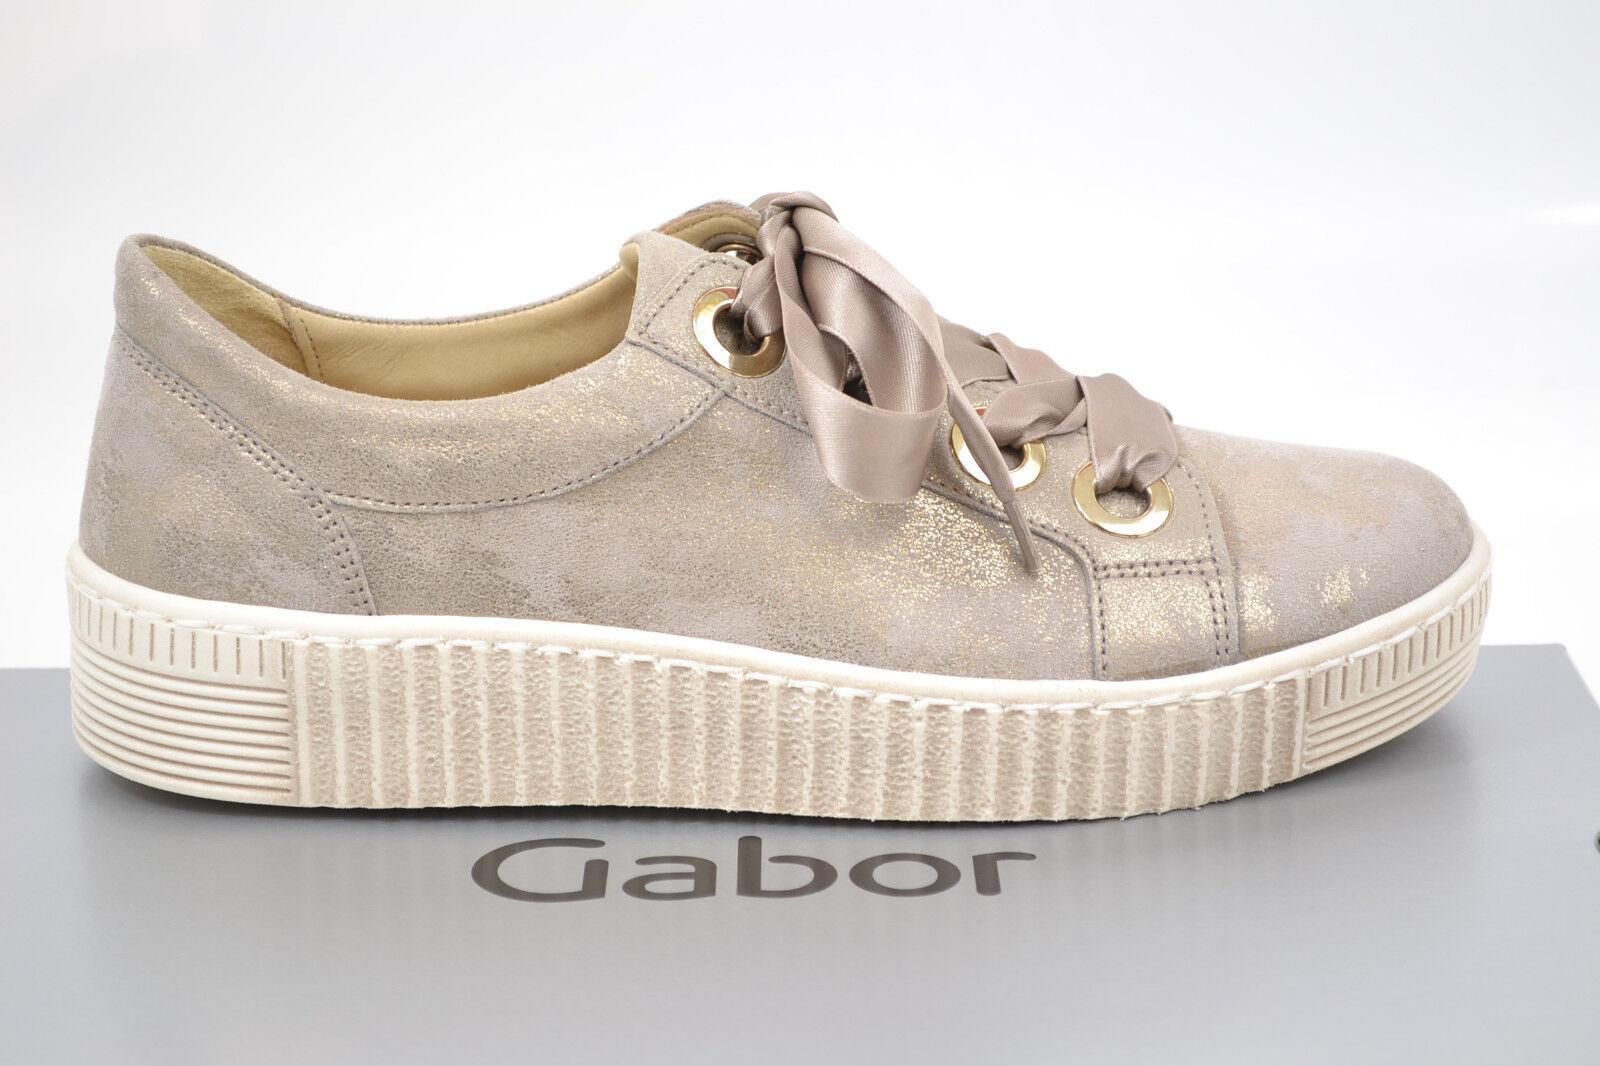 Gabor Gabor Gabor Sneaker Damenschuhe comfort Schuhe muschel metallic NEU FS18 463f45